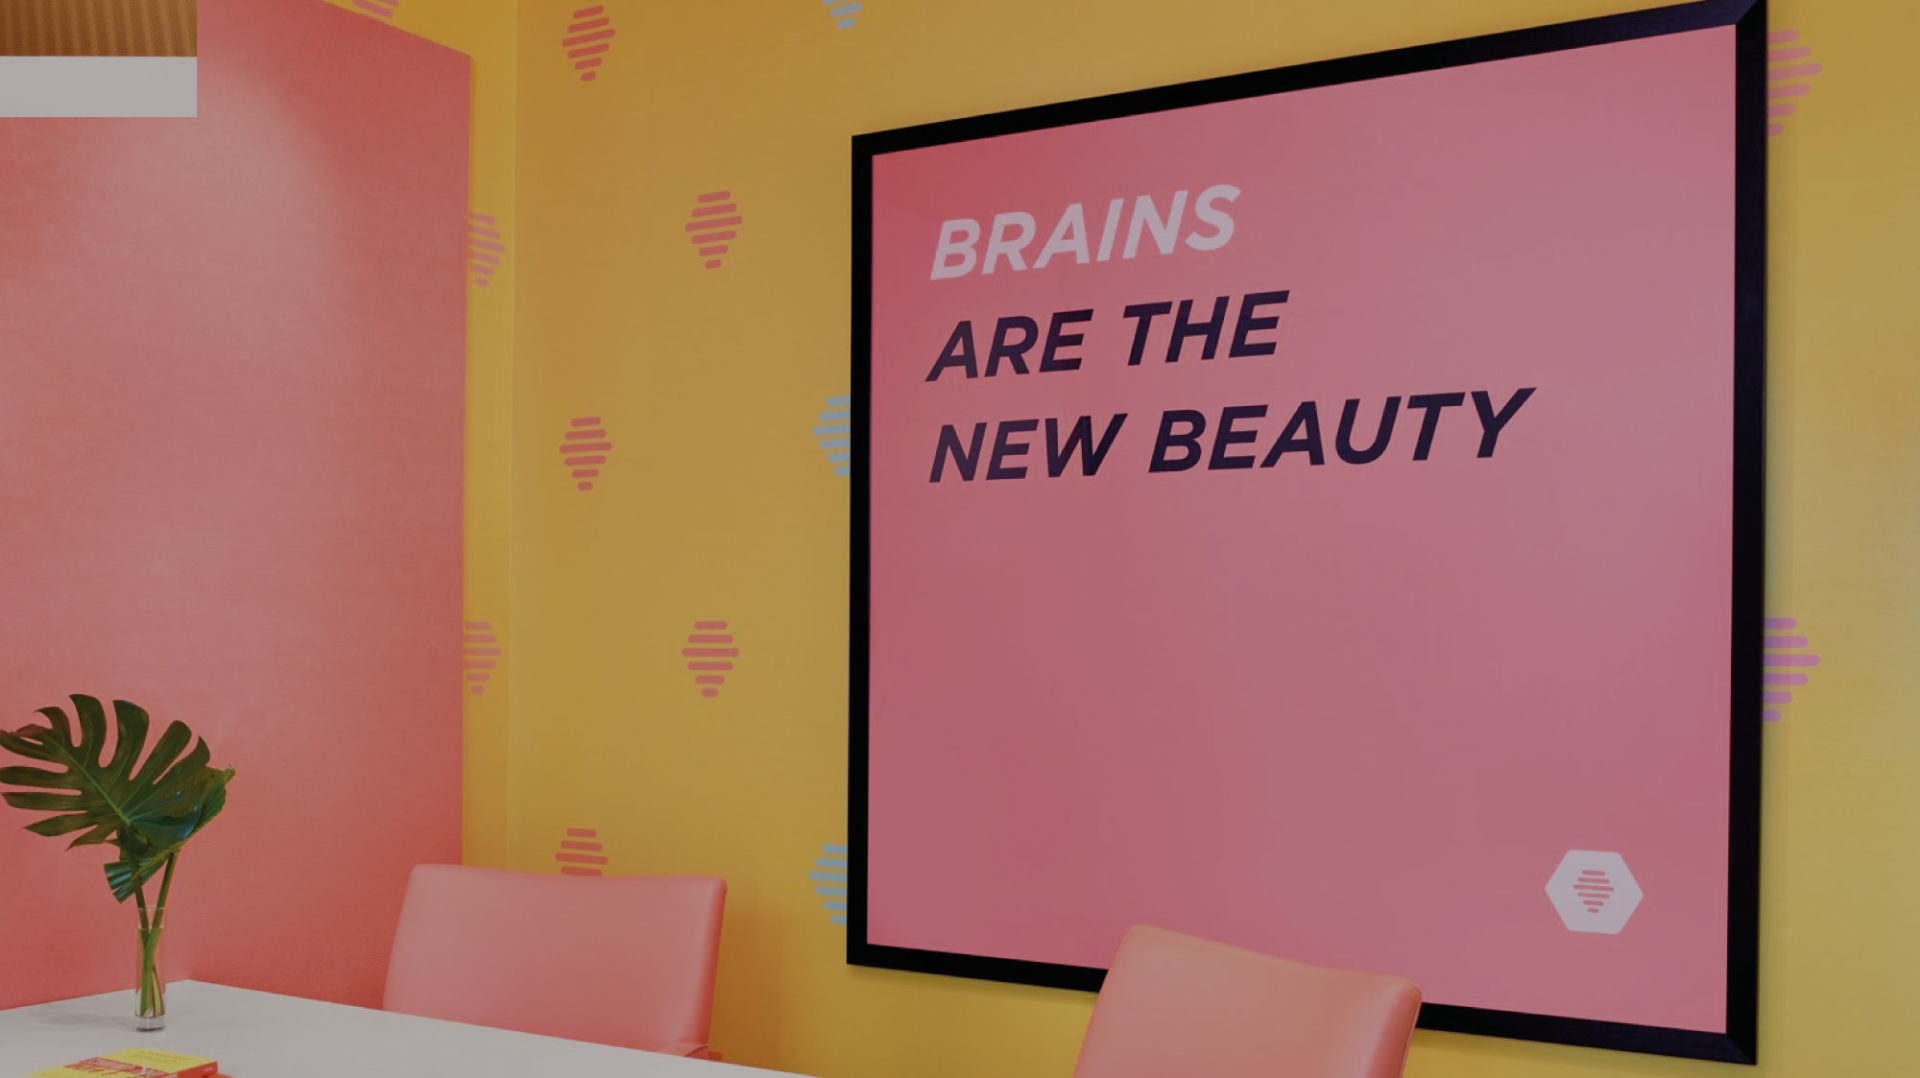 Opere d'arte, colore, piante alle pareti: come si progettano le pareti dell'ufficio?